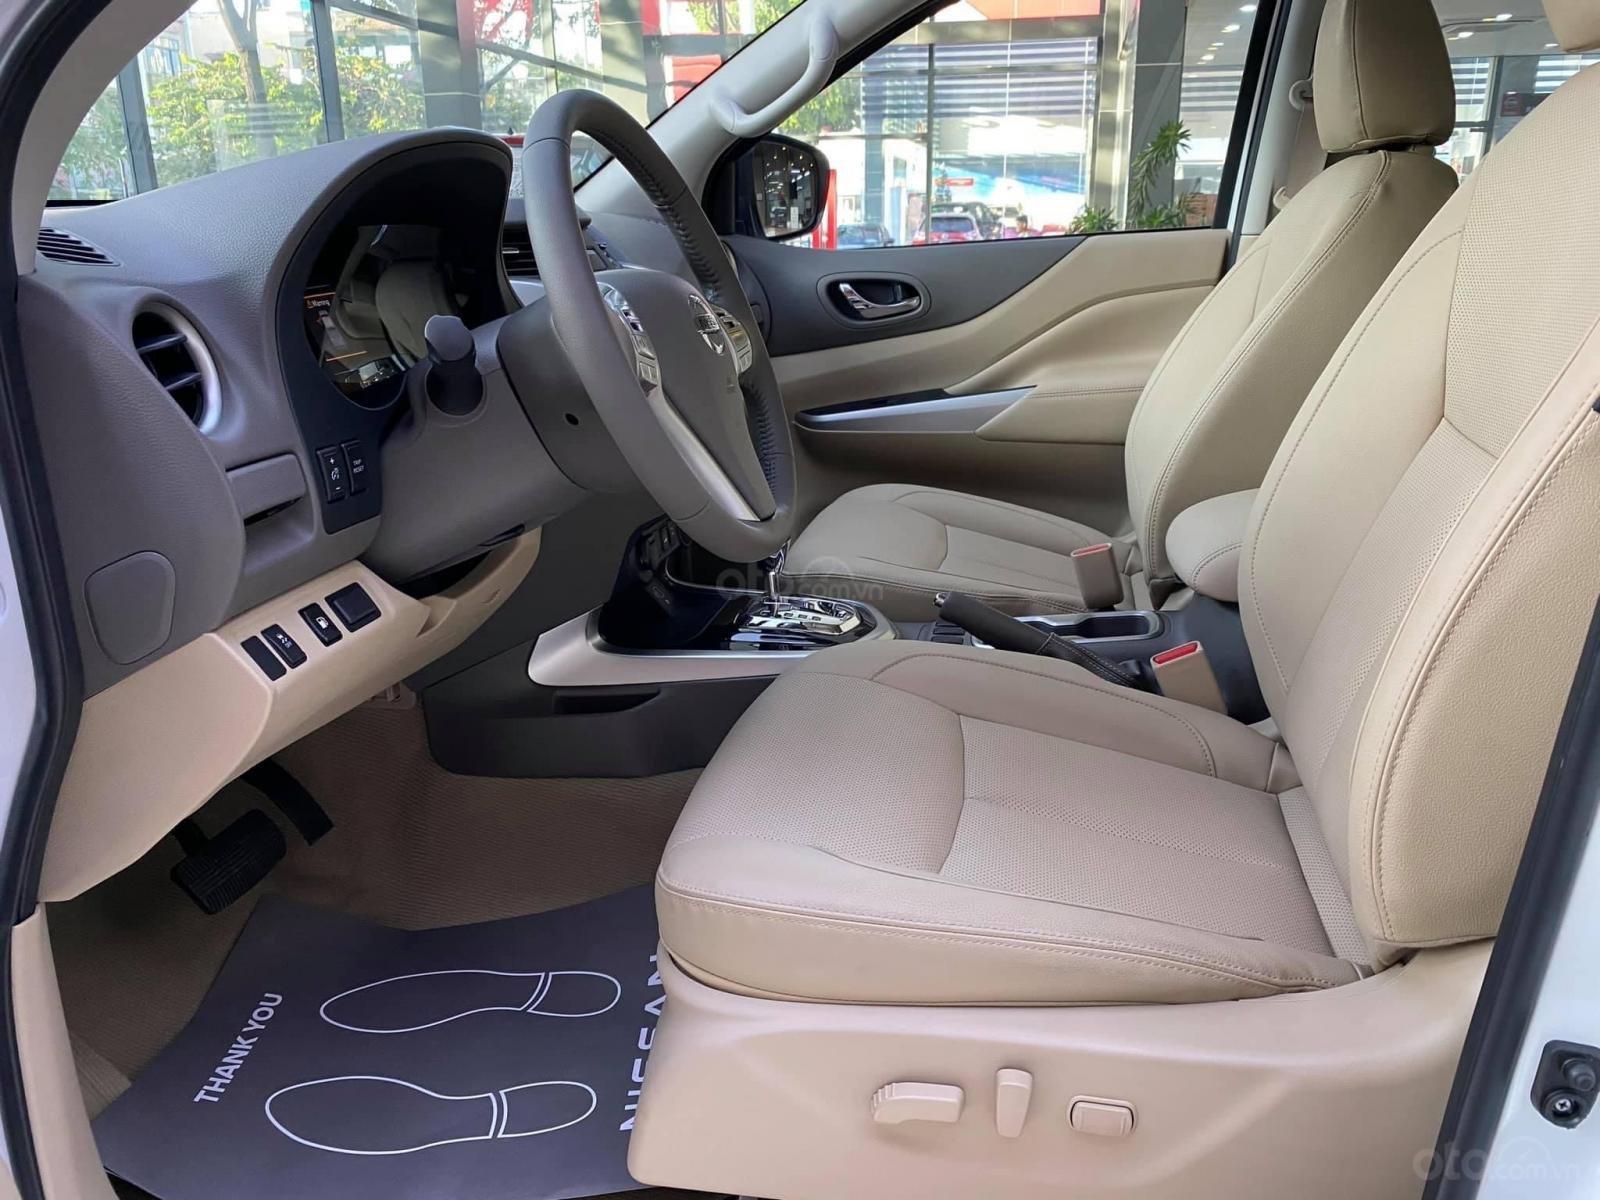 Nissan Navara El A-IVI 2020 đủ màu - Hỗ trợ vay ngân hàng 80% 200tr mang xe về (4)